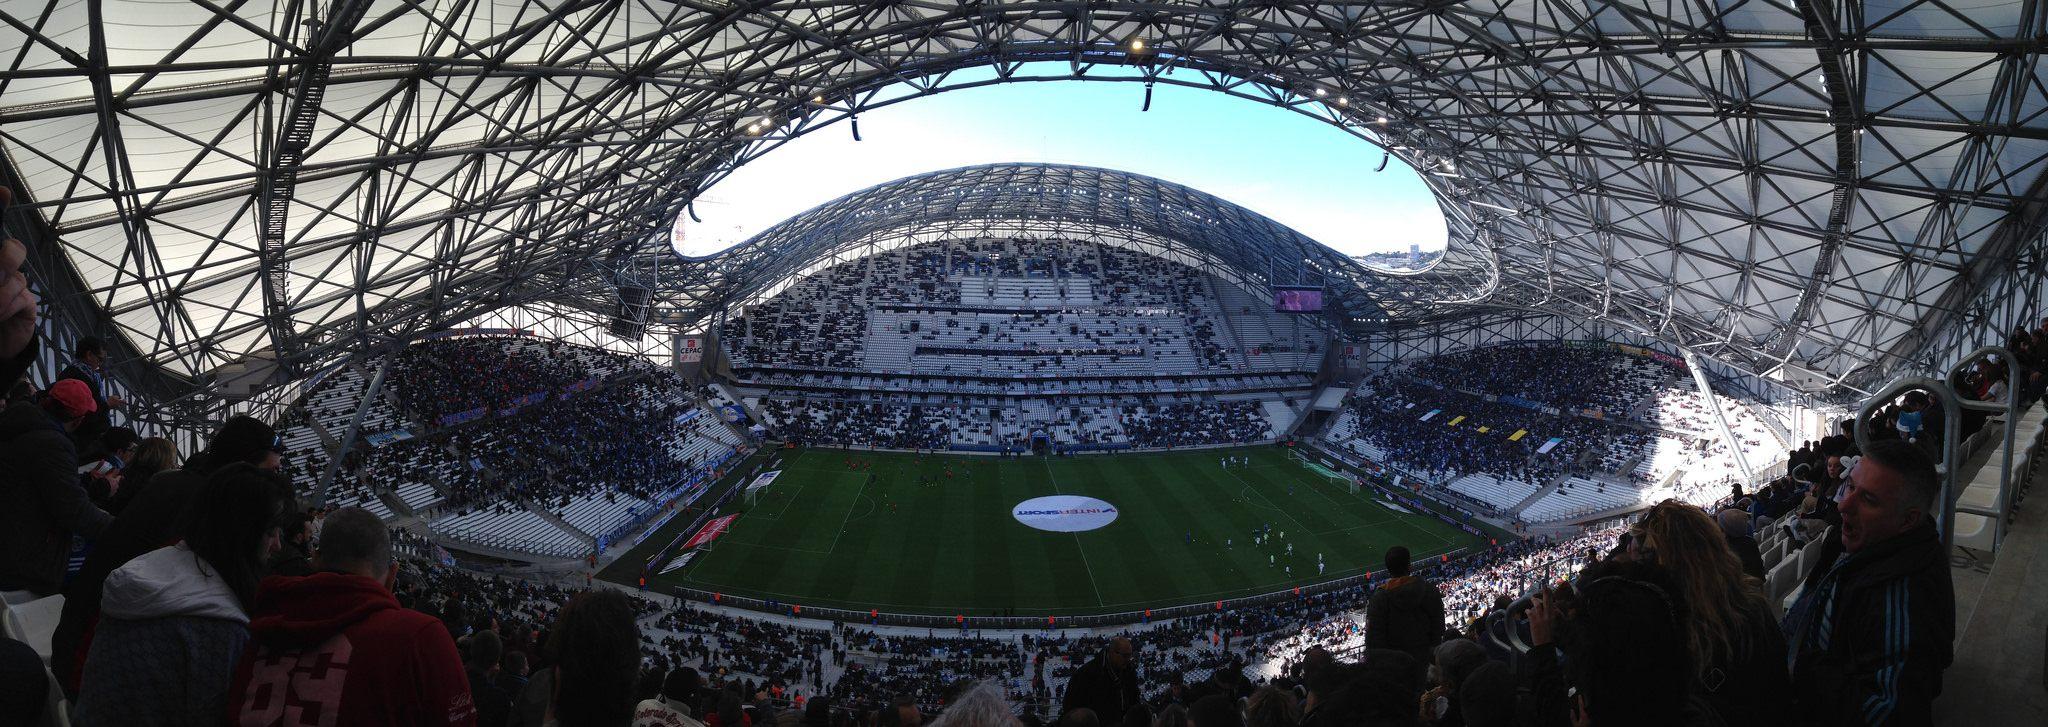 stade_velodrome46.jpg